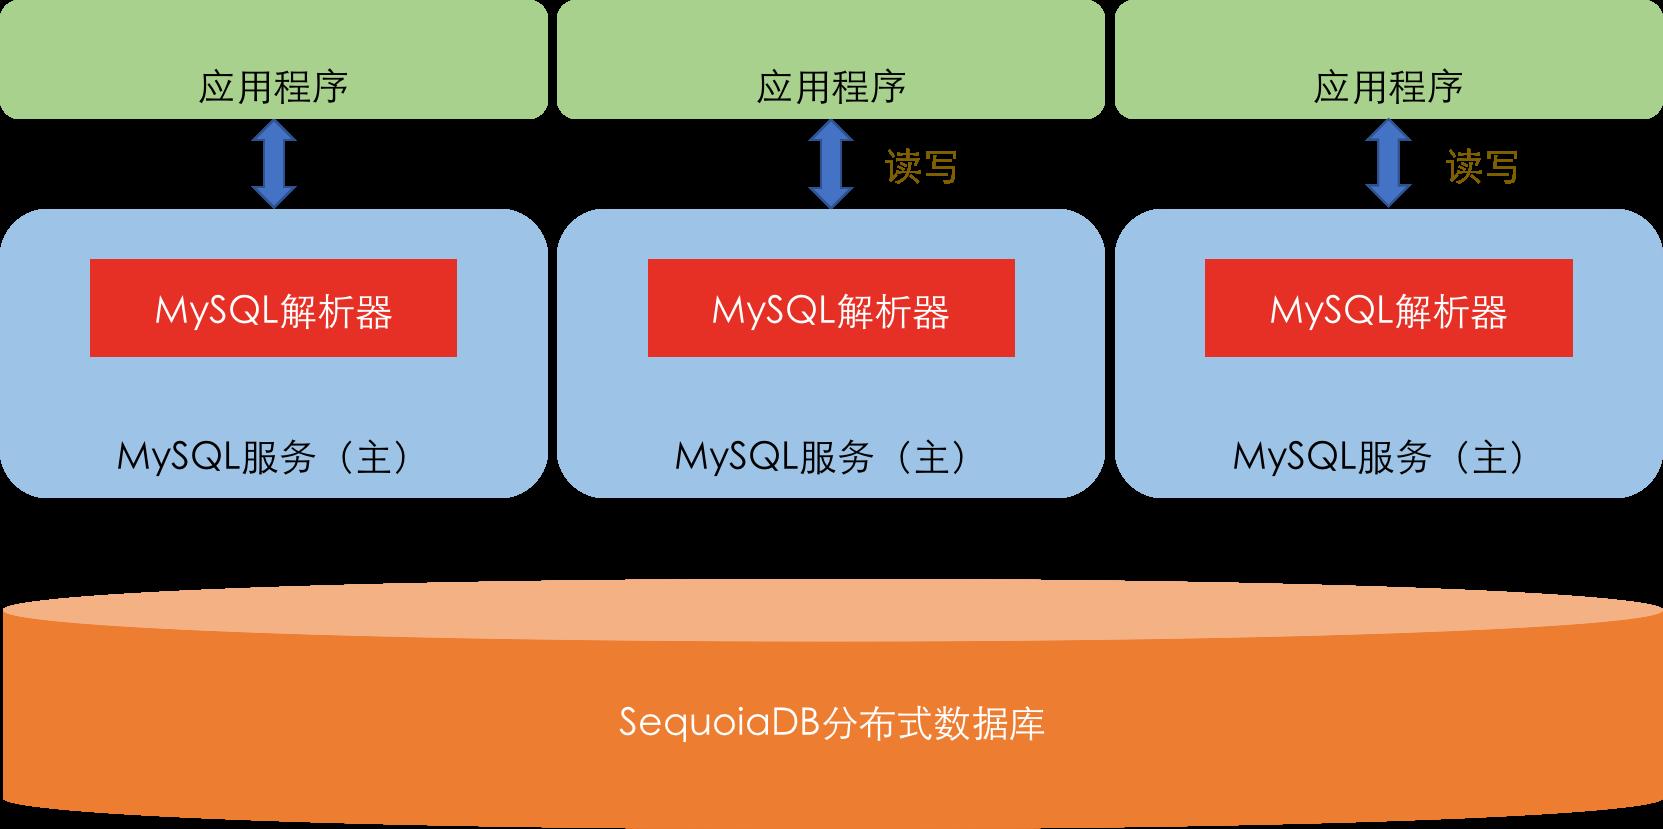 MySQL-SDB架构.png